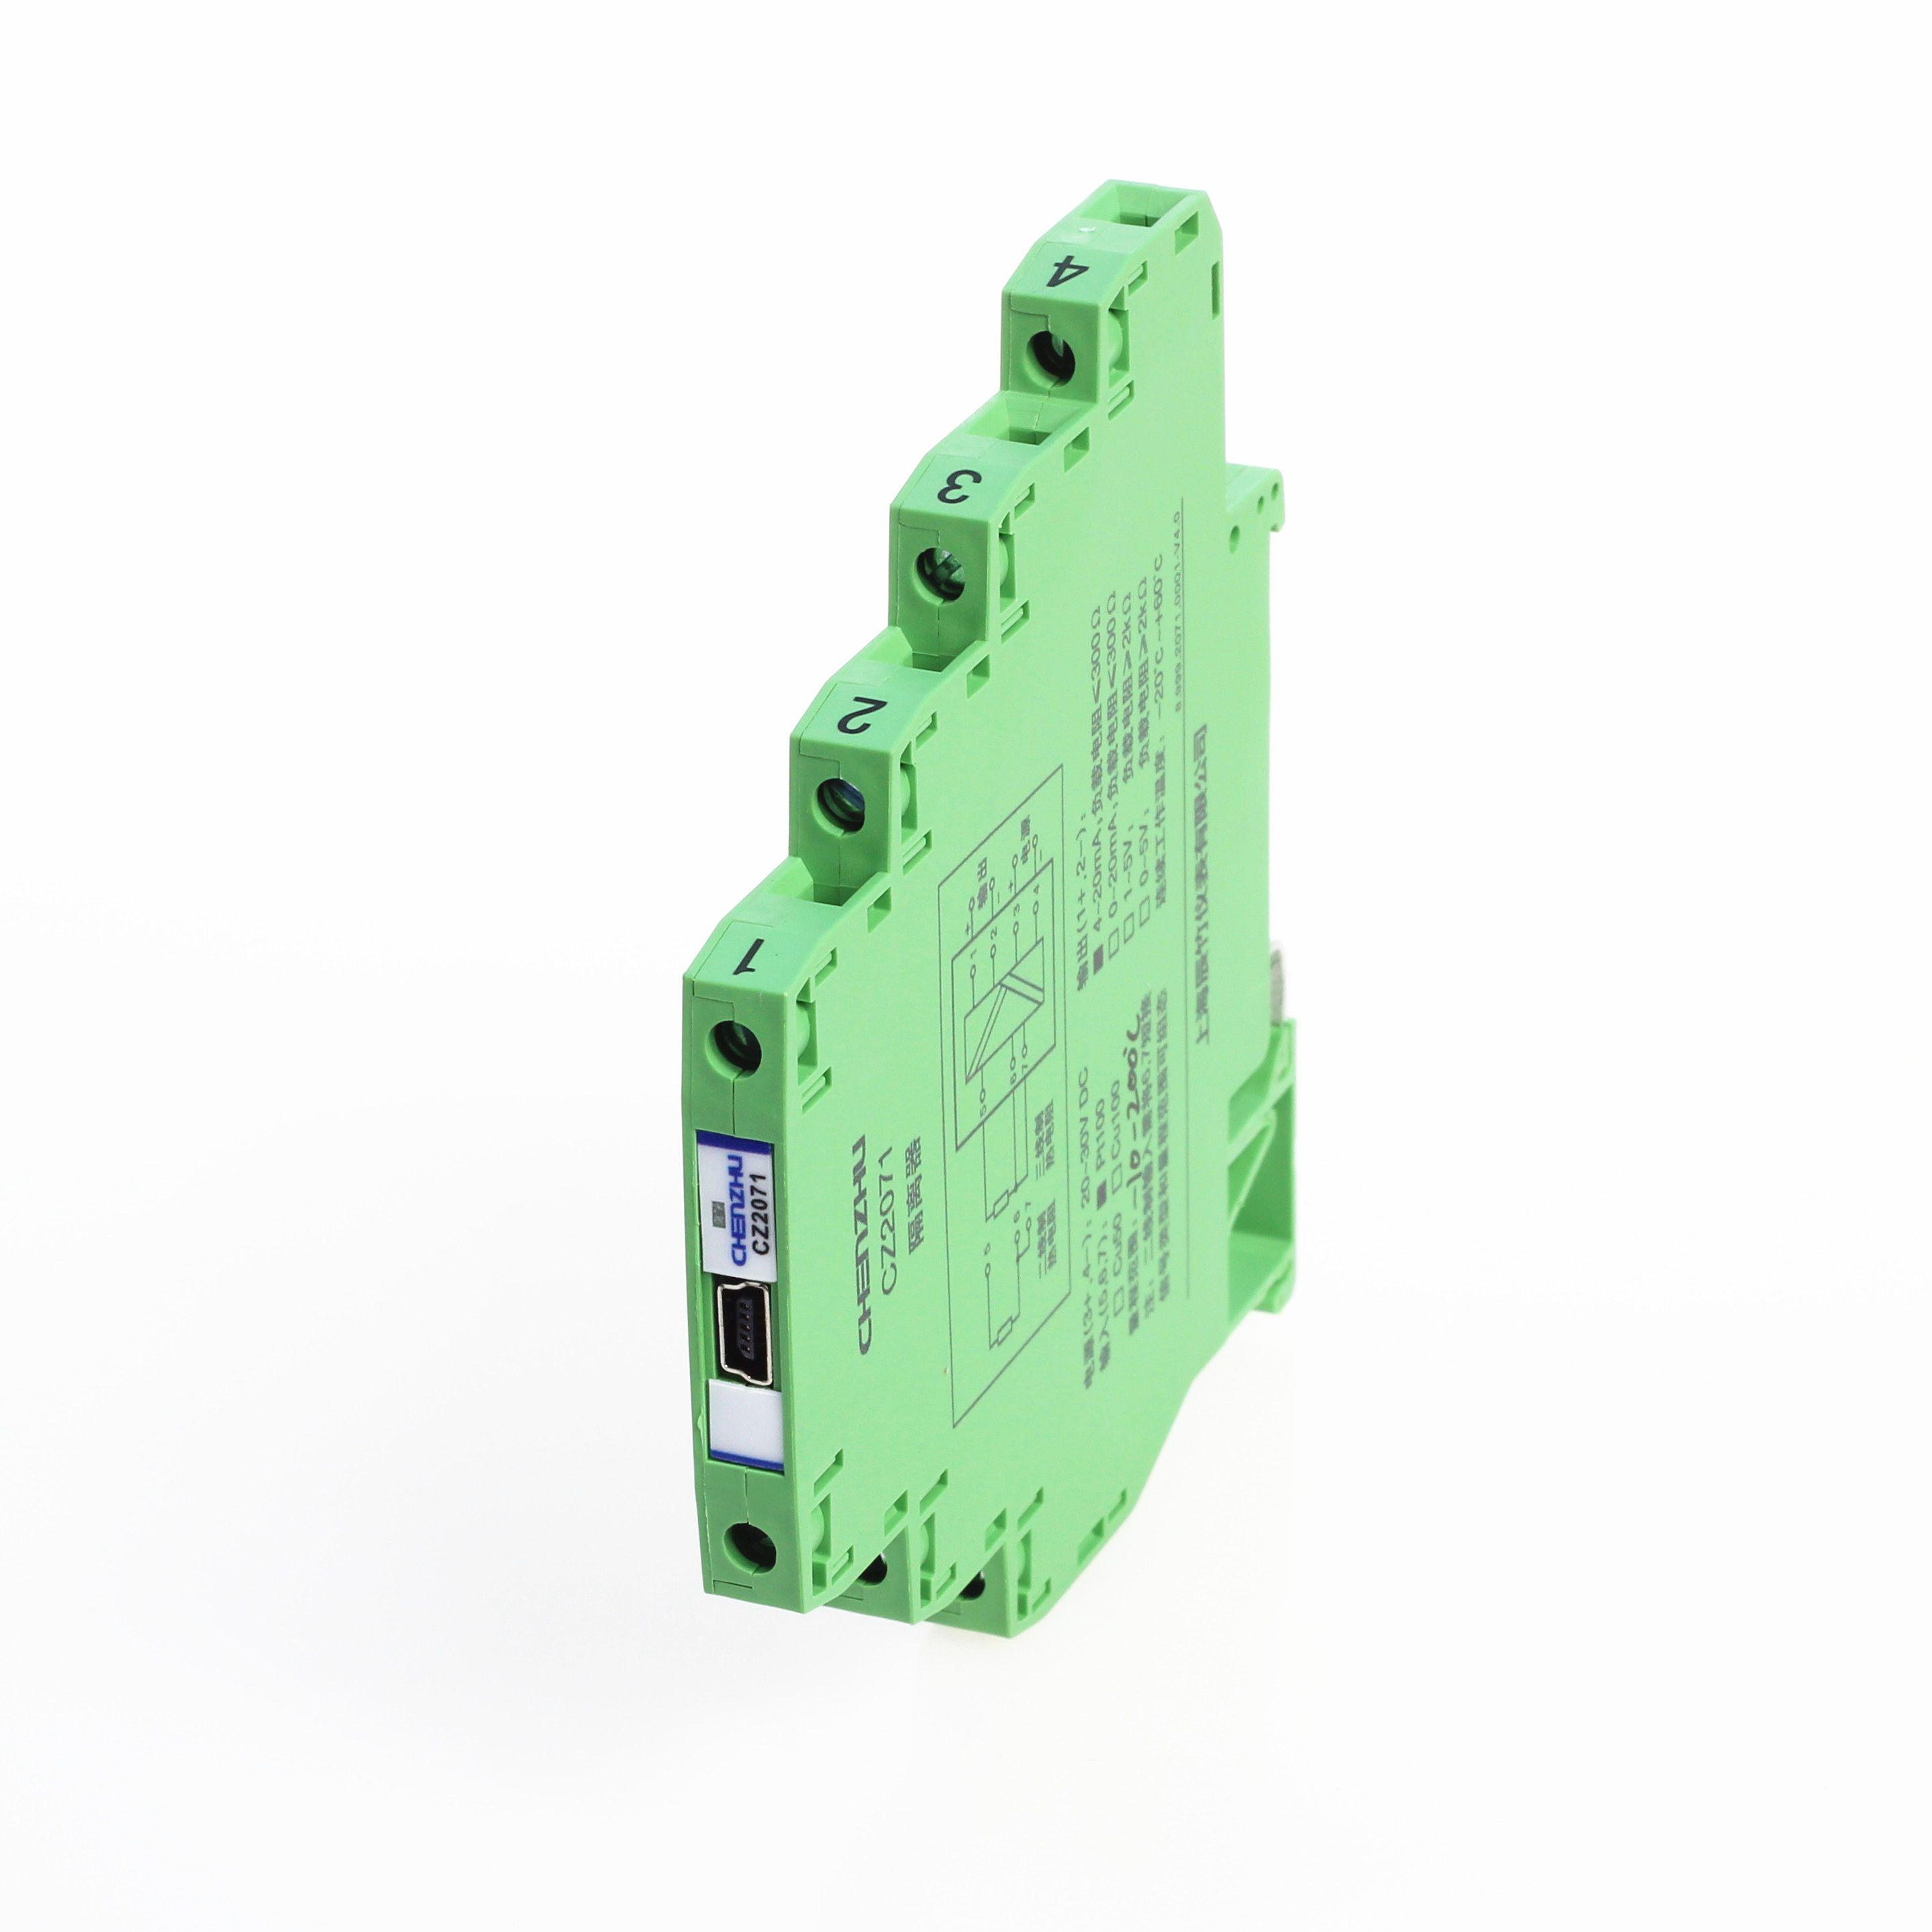 一进一出 热电阻输入隔离器